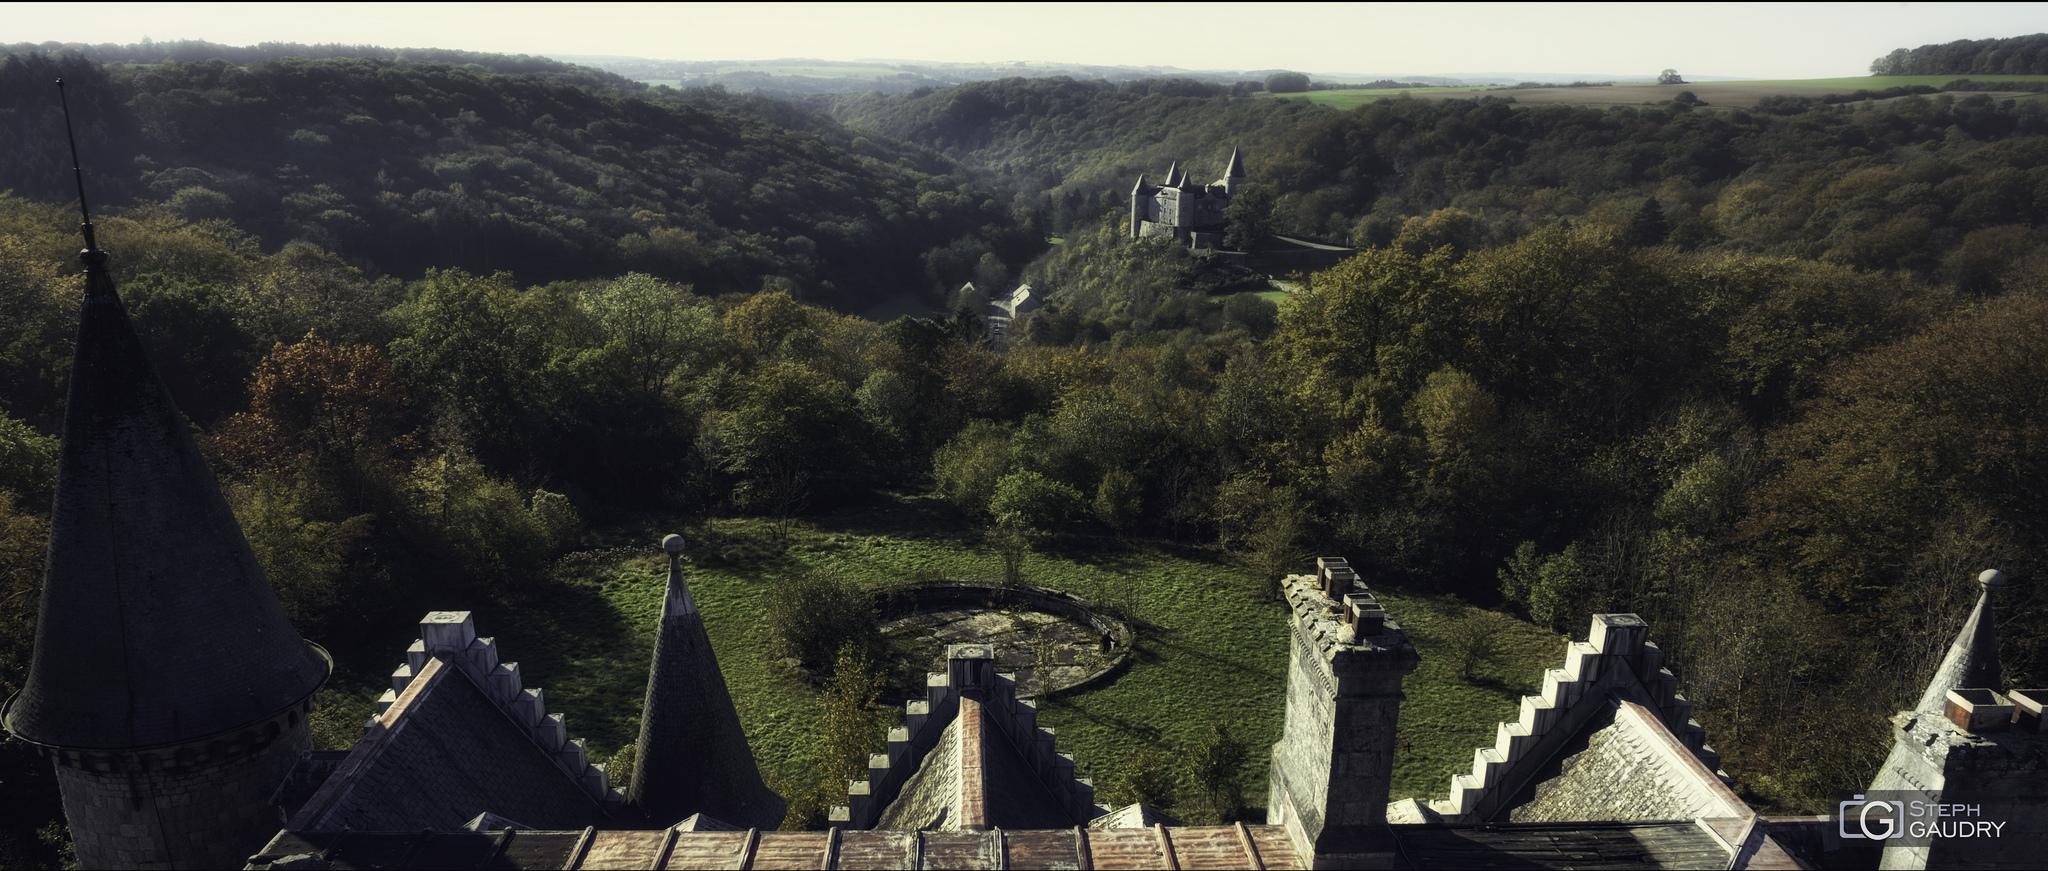 Les deux châteaux [Click to start slideshow]